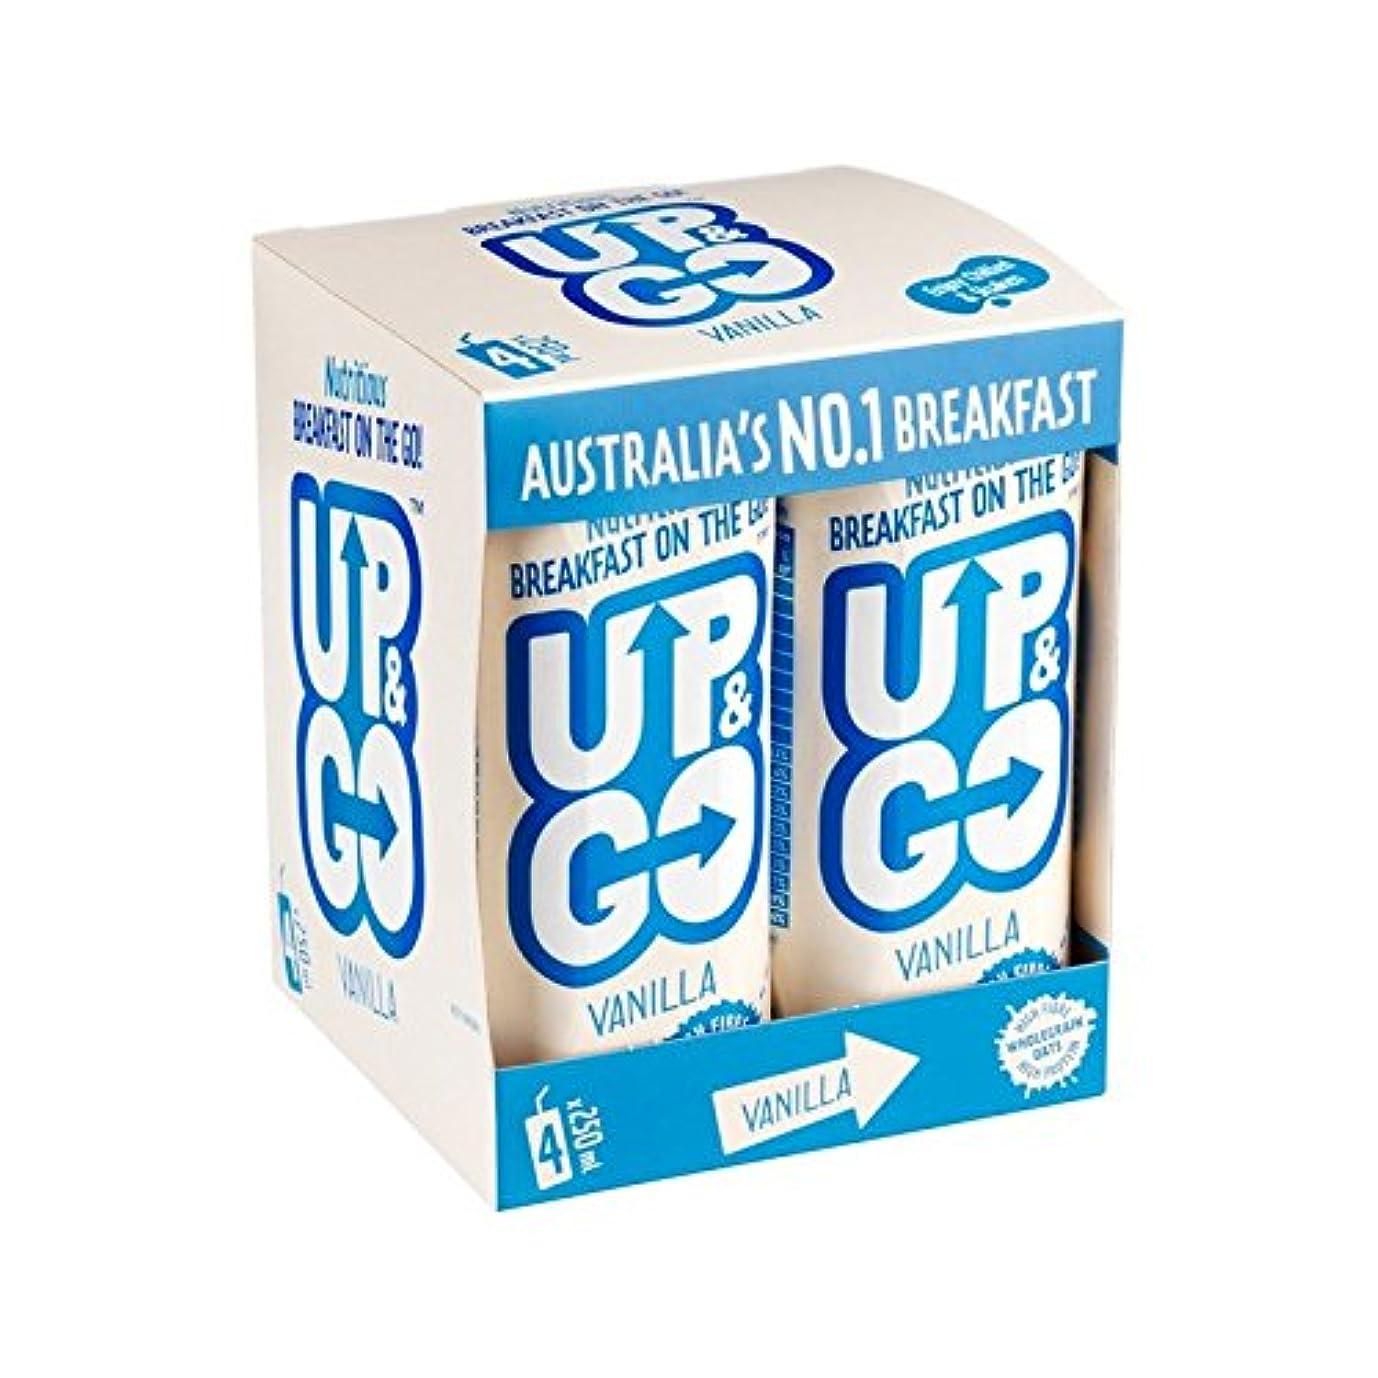 繁栄適切にリマオート麦4×250ミリリットルとバニラ朝食ドリンク (Up&Go) (x 2) - Up&Go Vanilla Breakfast Drink with Oats 4 x 250ml (Pack of 2) [並行輸入品]